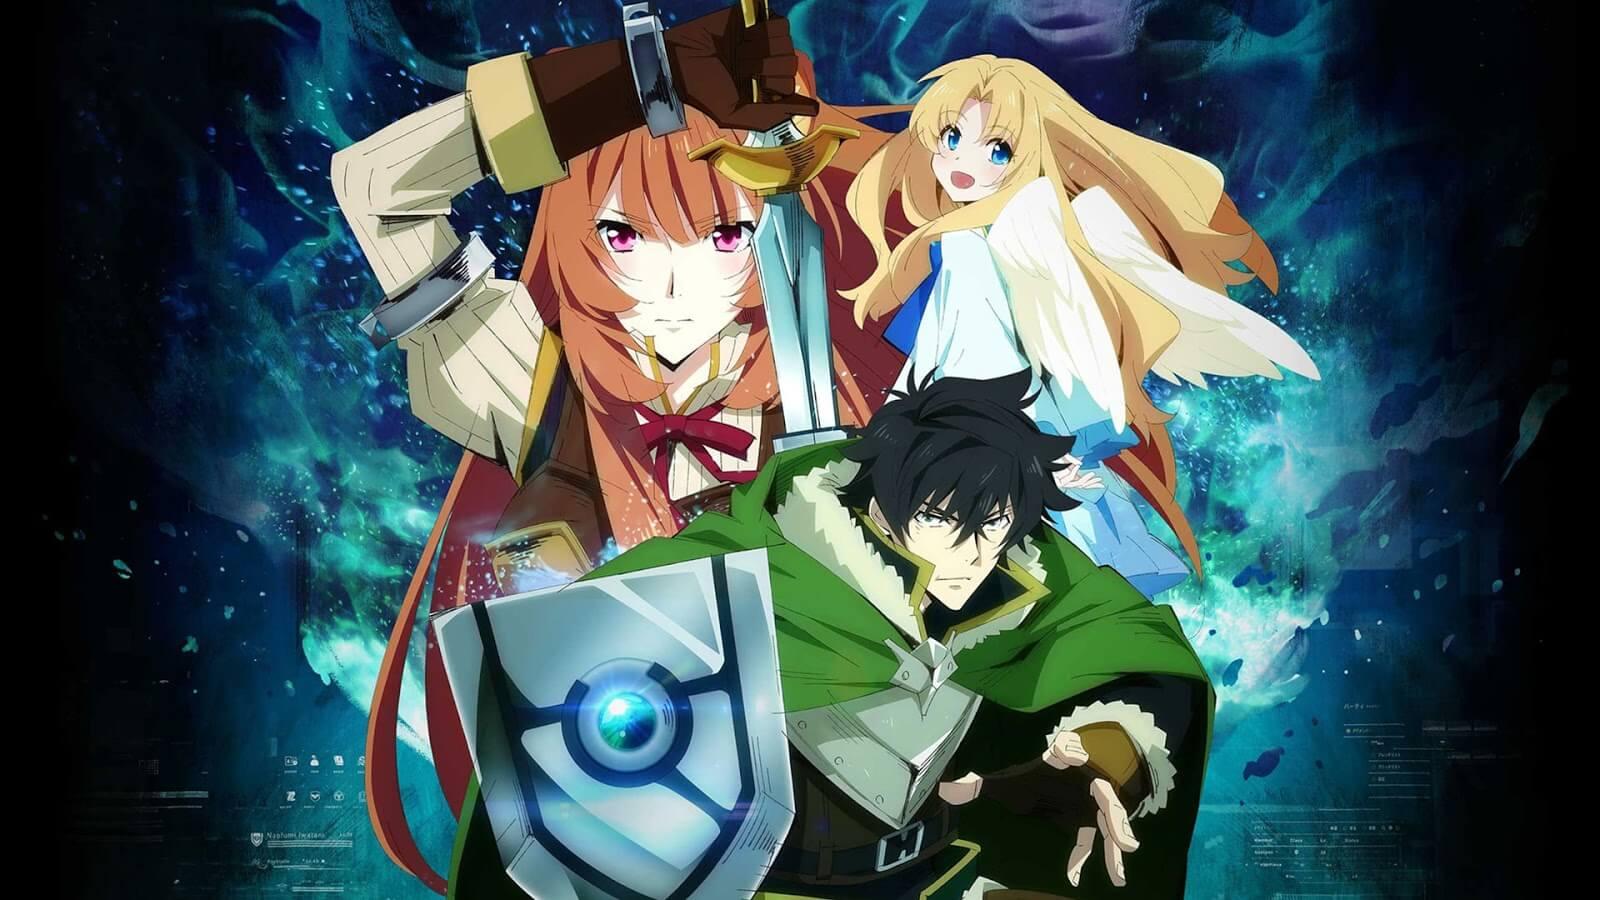 Descargar Tate No Yuusha No Nariagari anime subtitulado en español